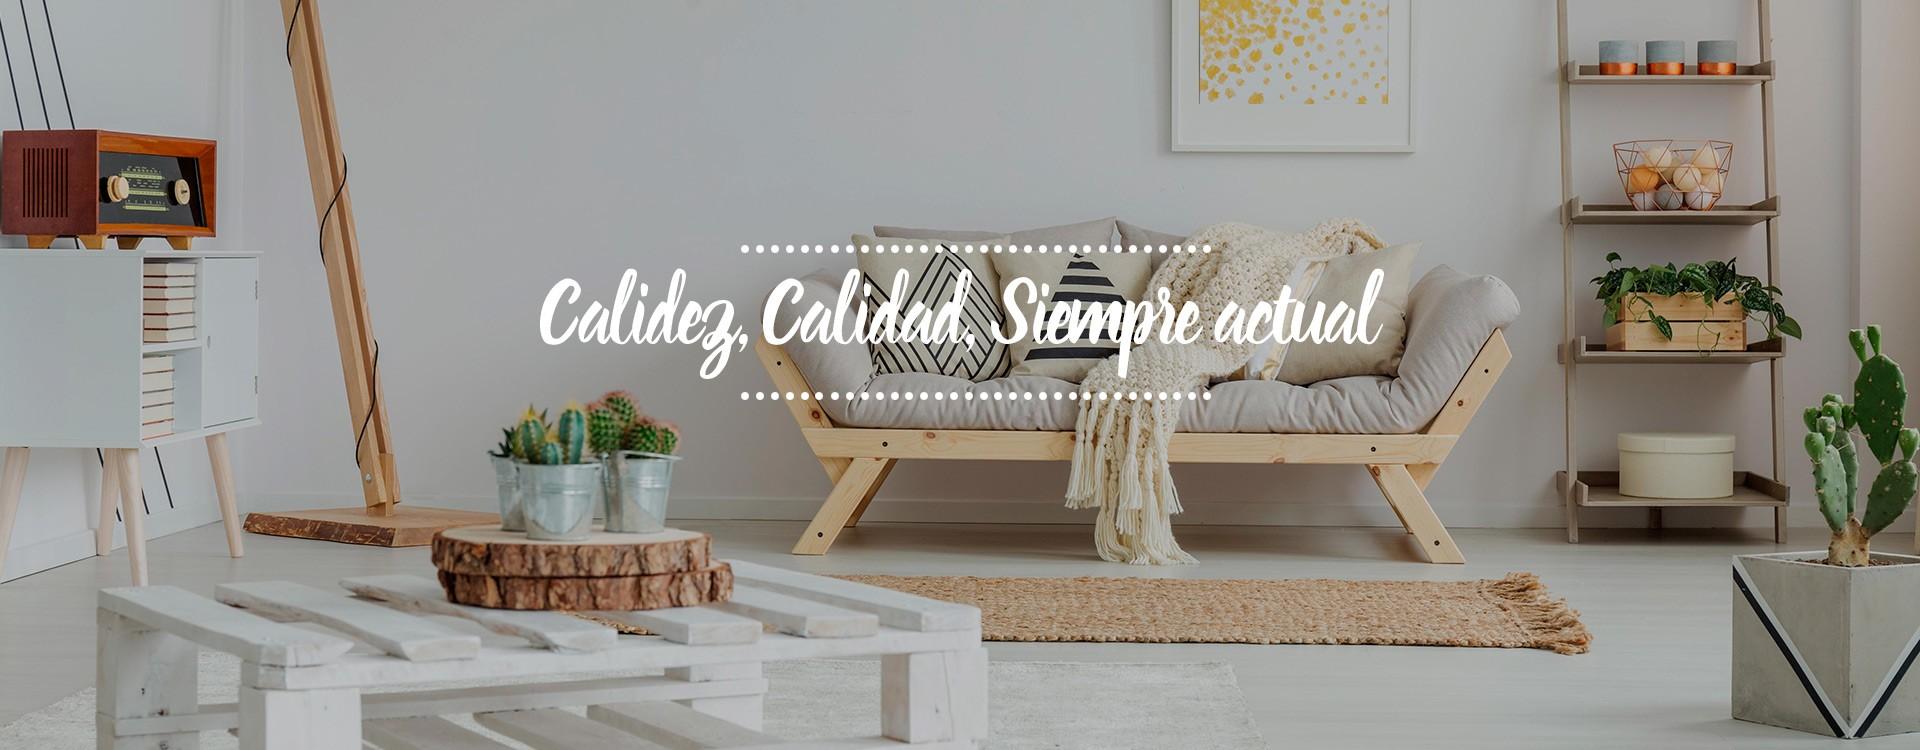 Calidez, Calidad, Siempre actual